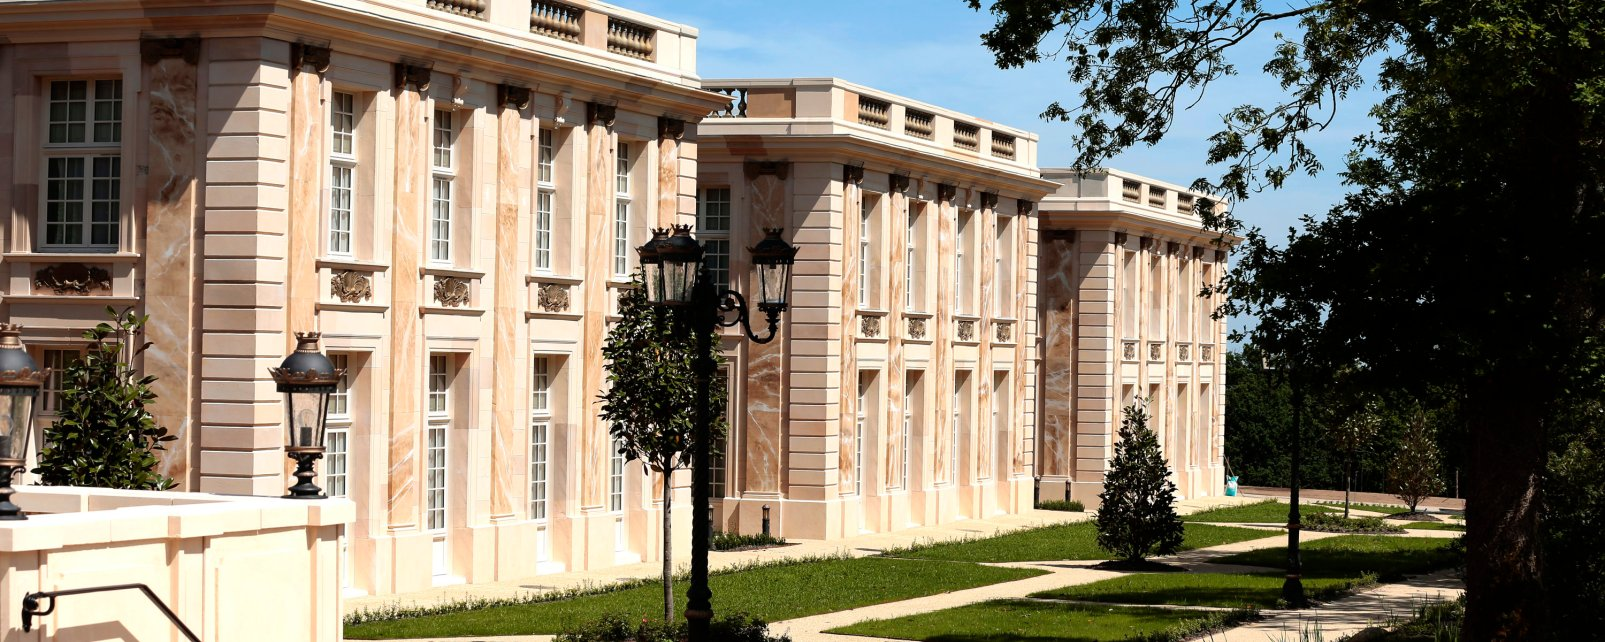 Hôtel Le Grand Siècle